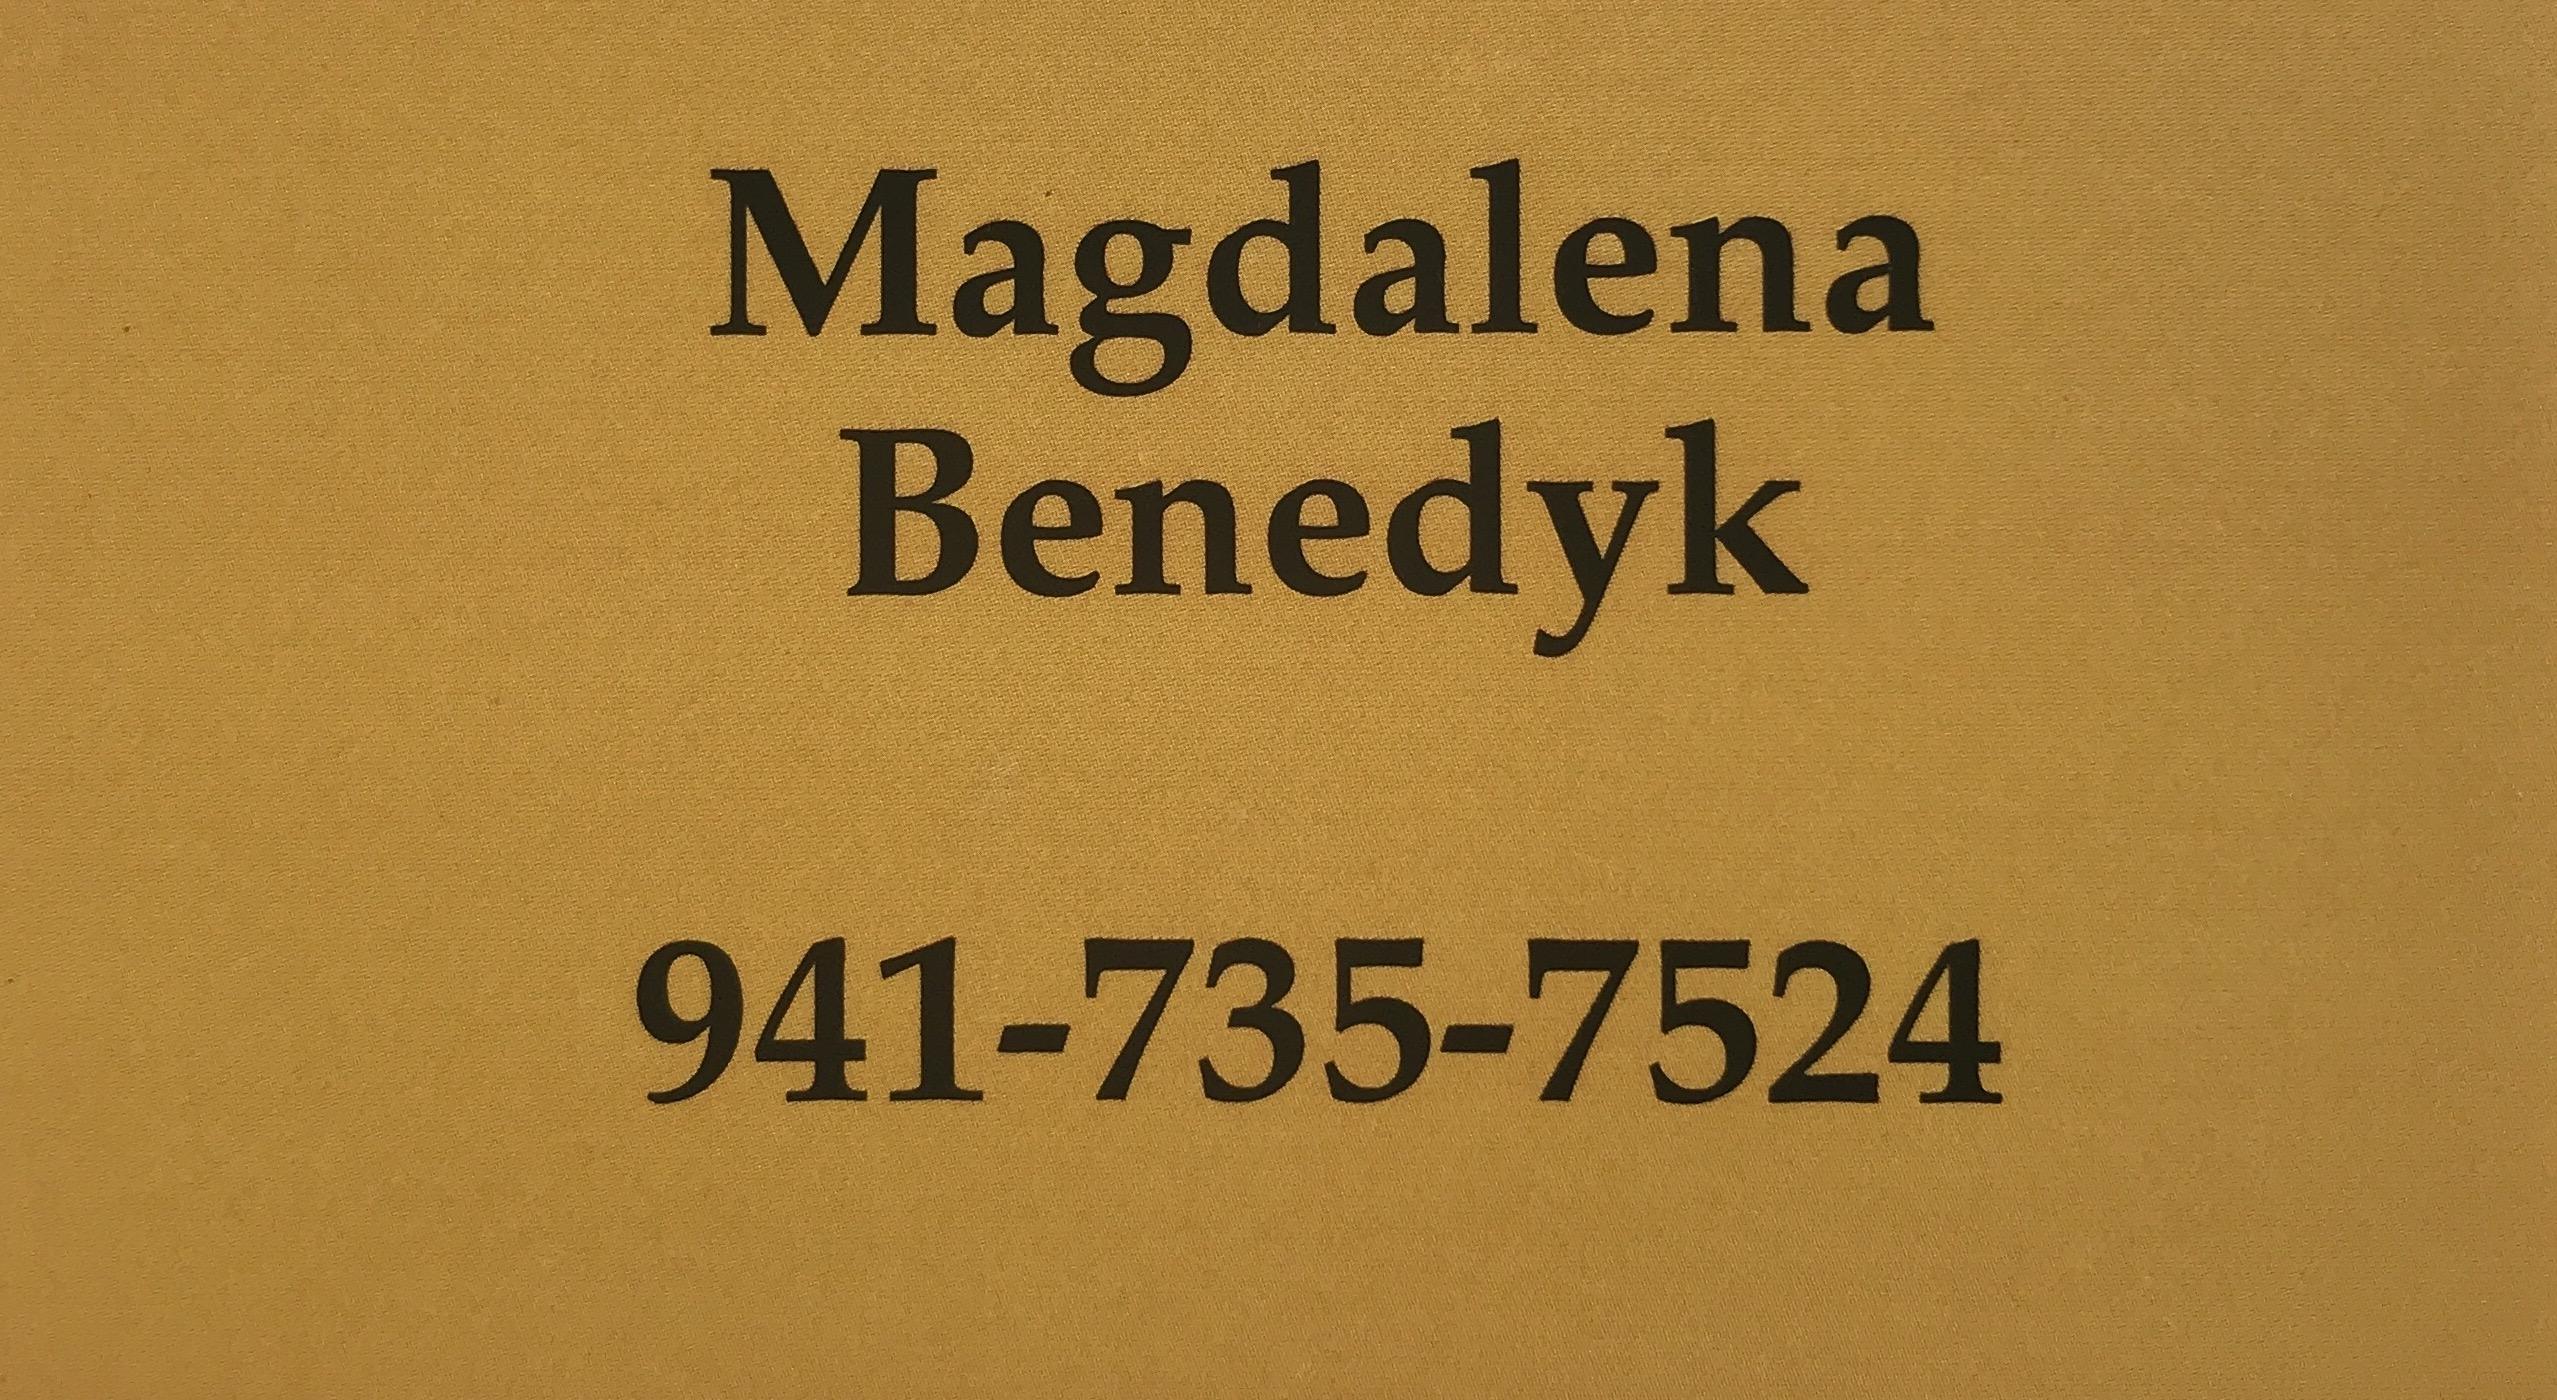 Magdalena-Benedyk-wysylka-paczek